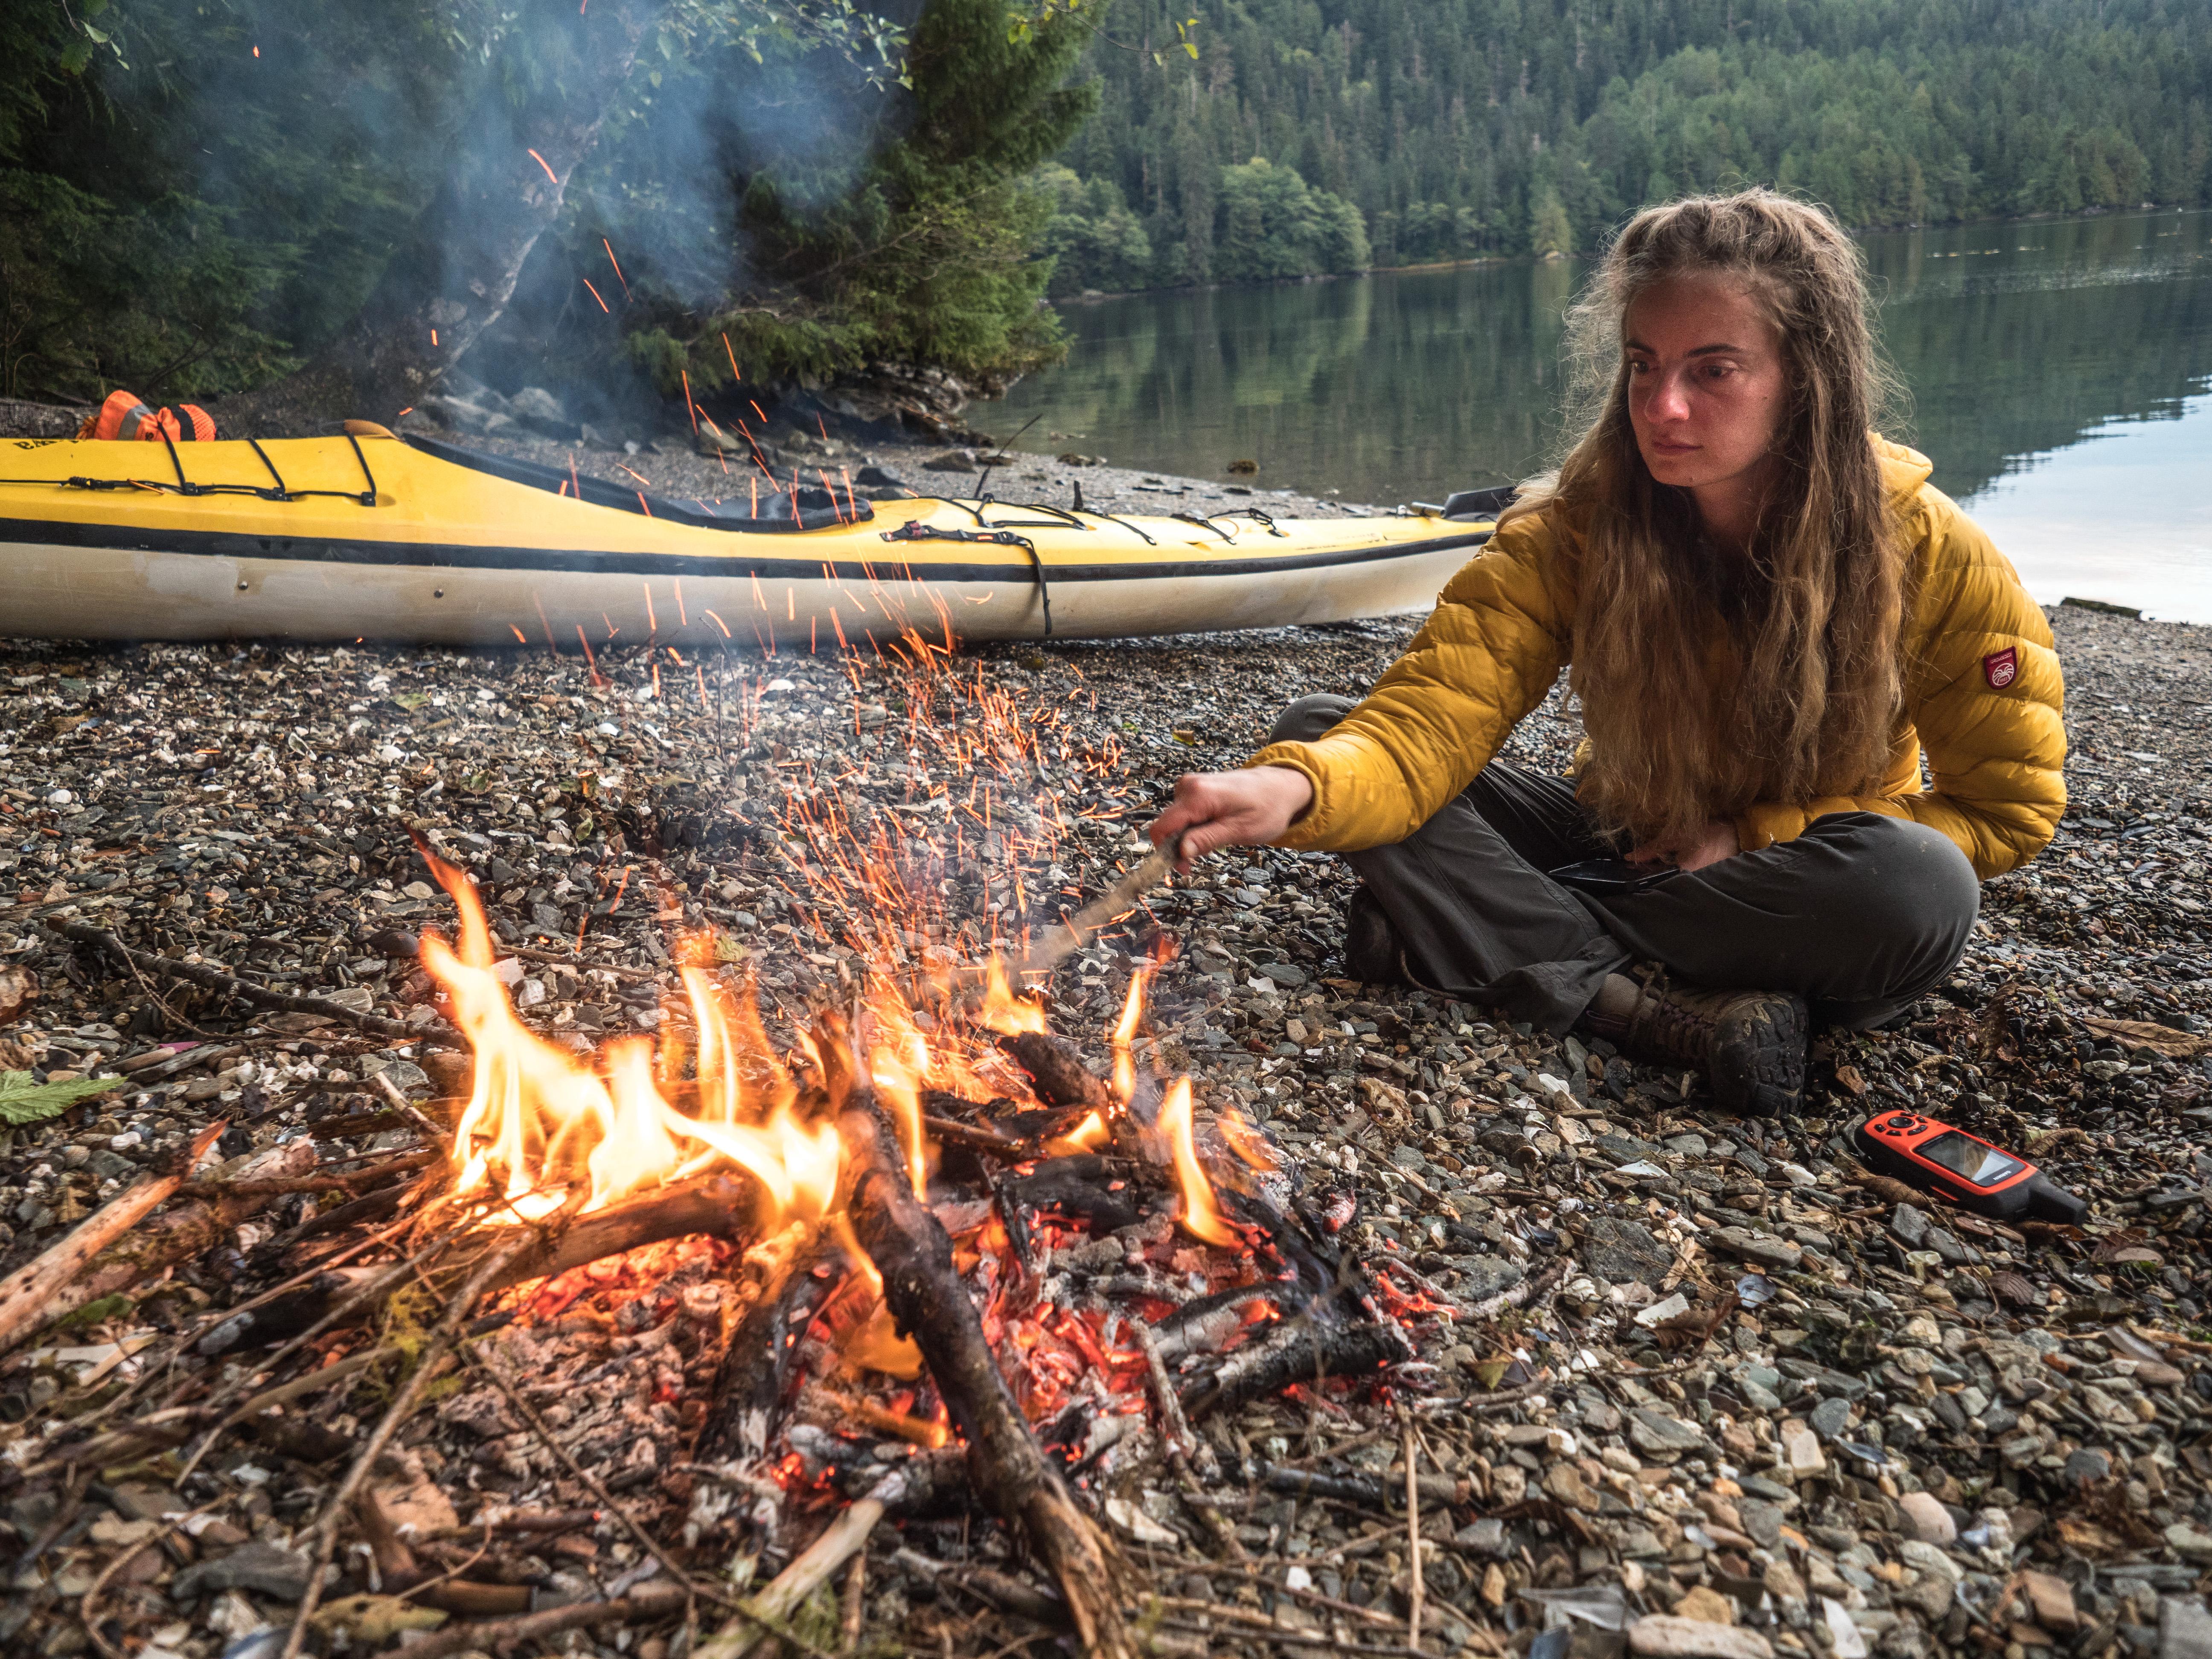 dziewczyna przy ognisku